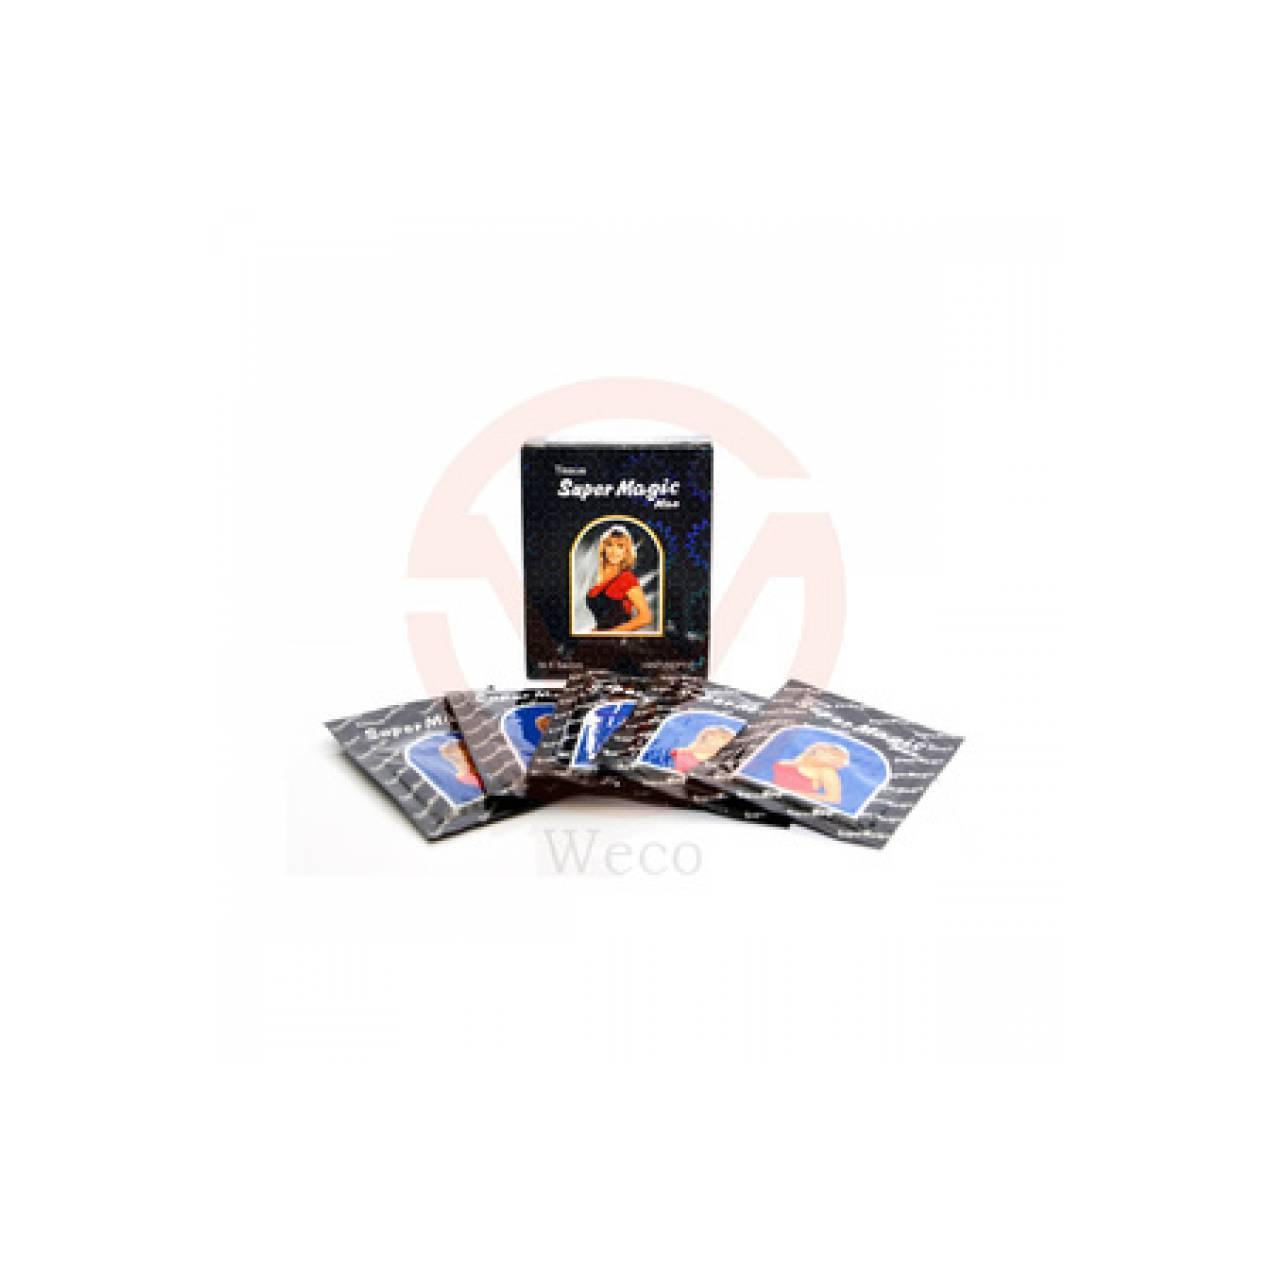 Jual Tissue Super Magic Murah Garansi Dan Berkualitas Id Store Tisu Power Man Depkes Depkesidr103268 Rp 4480000